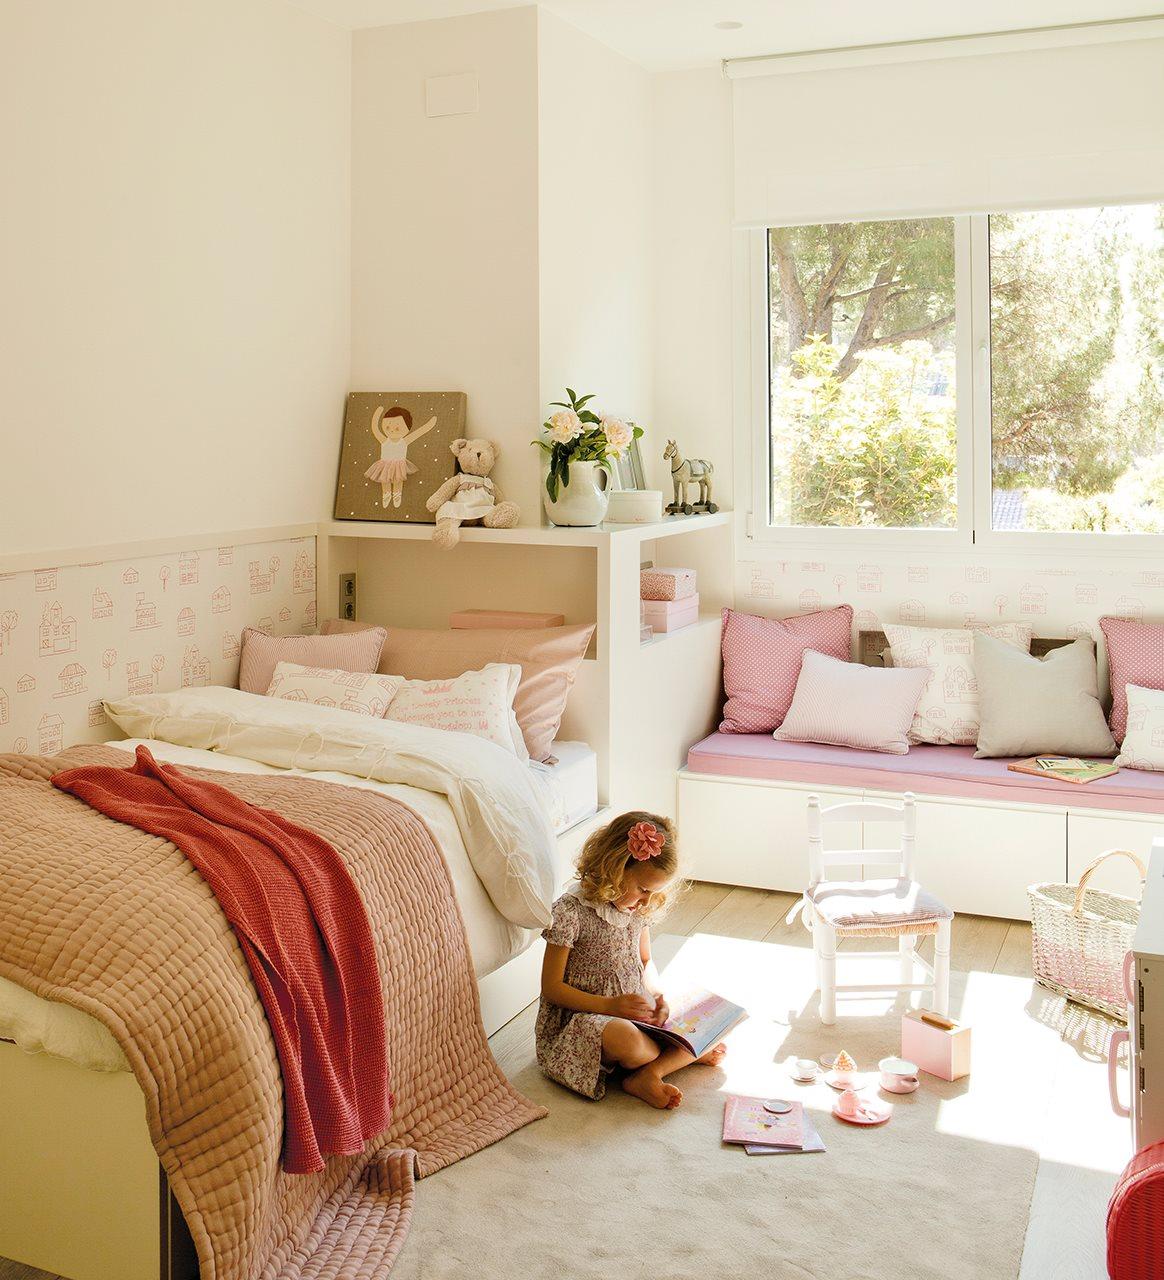 Bancos para dormitorios simple bancos para recibidor o dormitorio with bancos para dormitorios - Bancos para dormitorio matrimonio ...